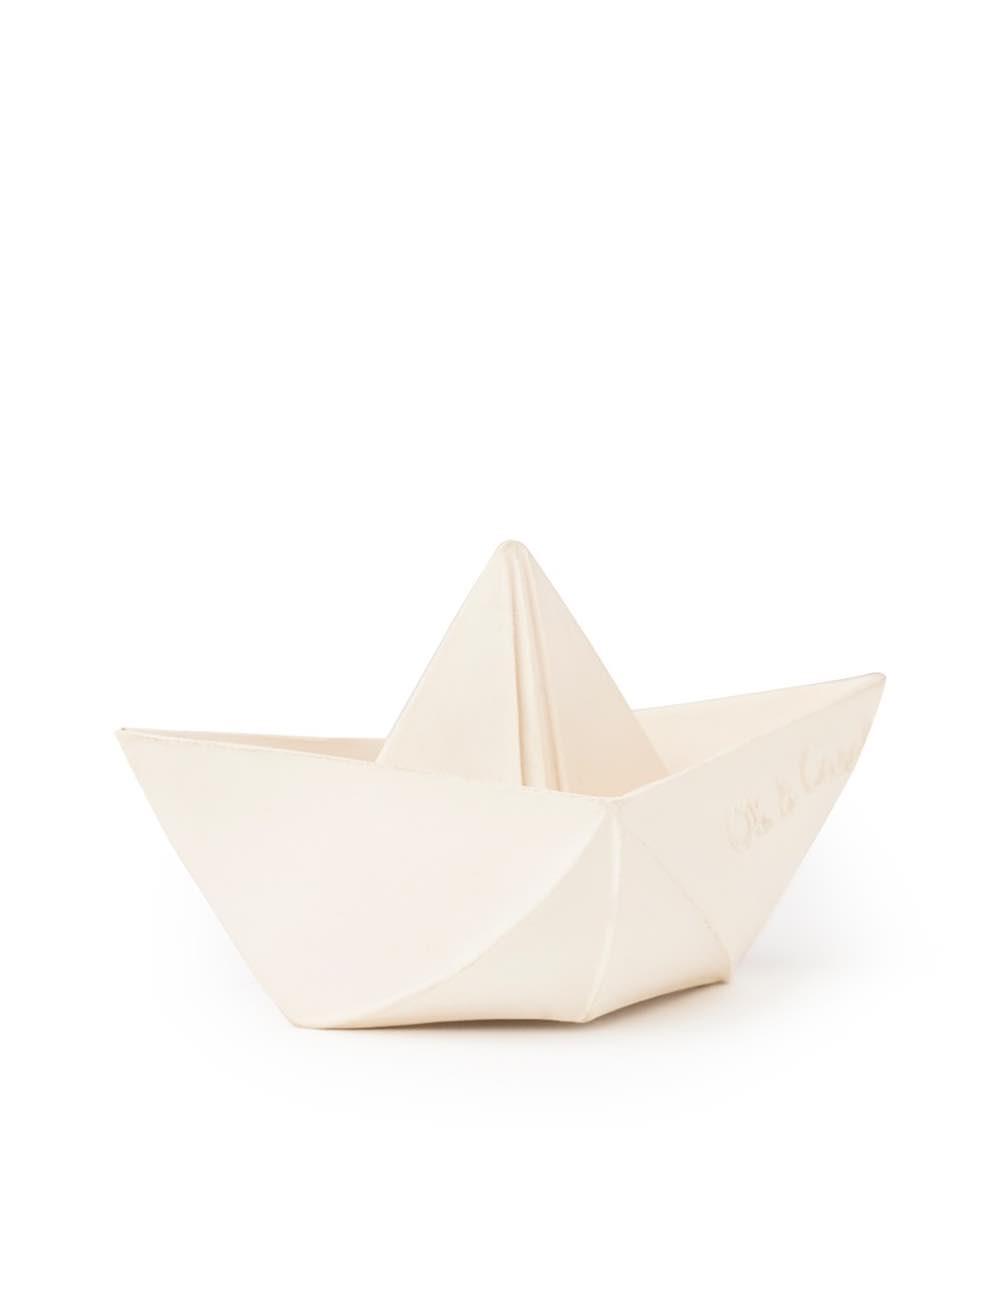 Origami Boat White